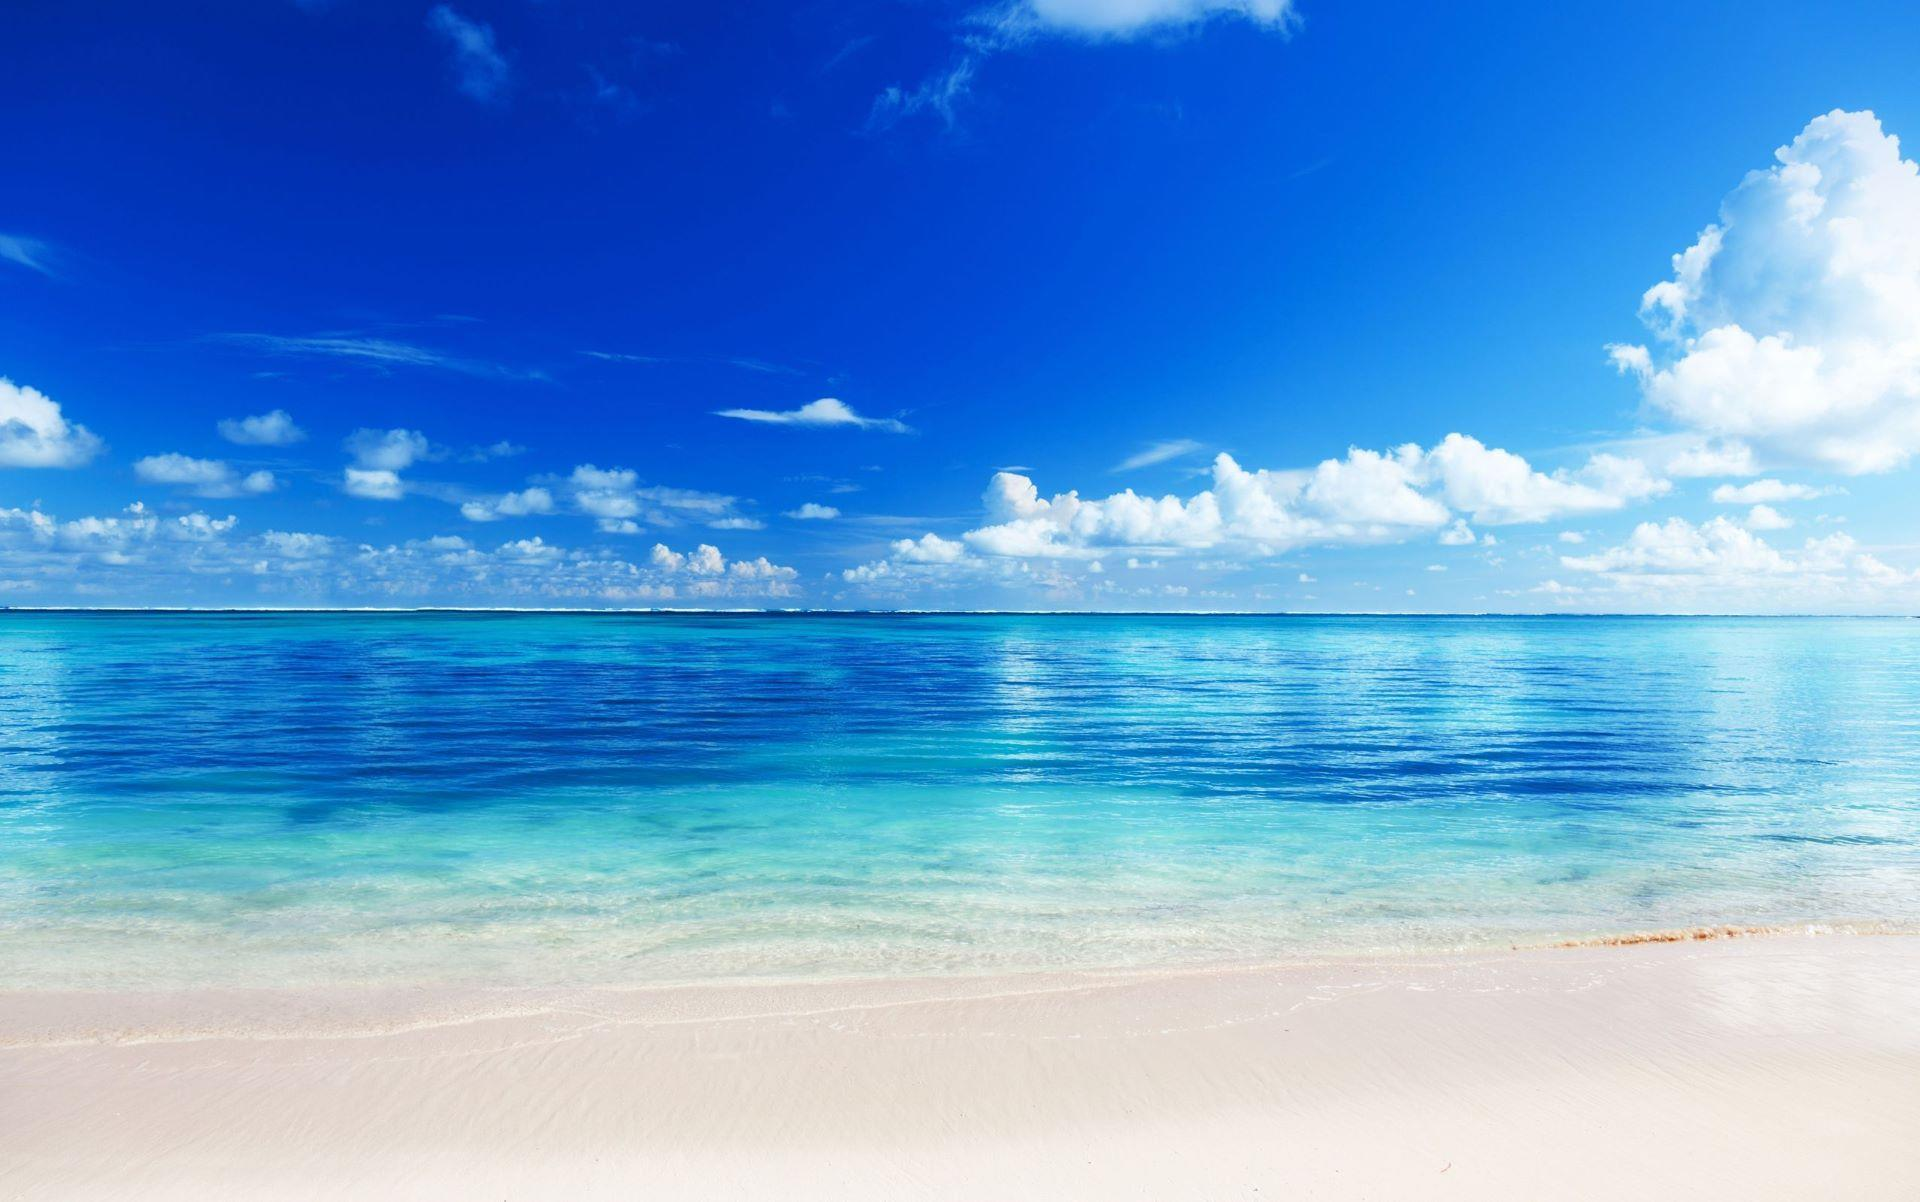 fond-ecran-plage-ete-soleil-sable-blanc